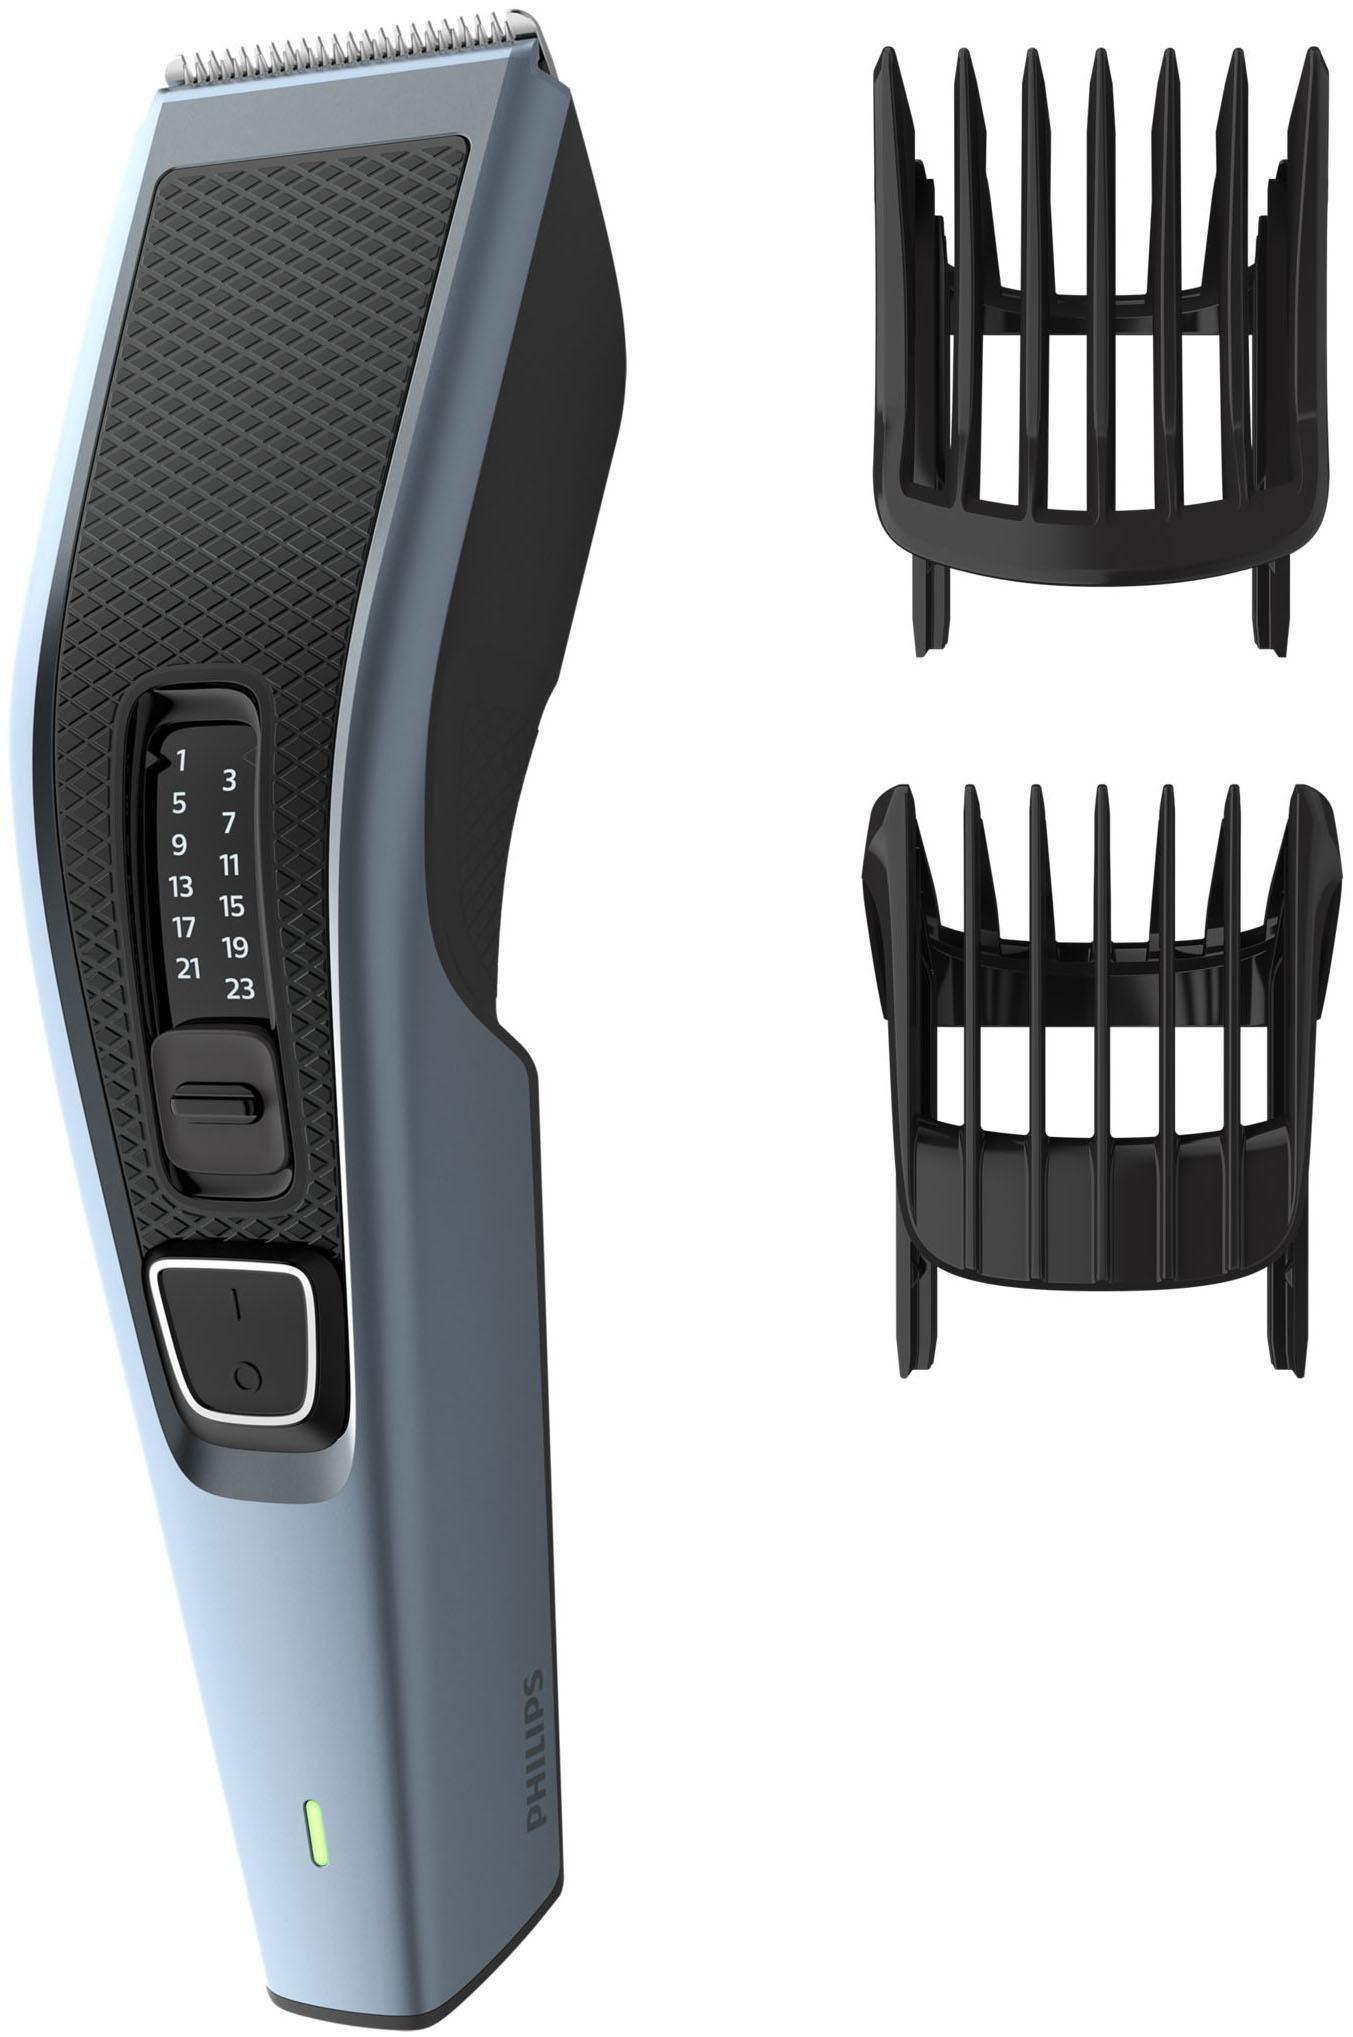 Philips Haar- und Bartschneider HC3530/15, Series 3000, Trimmaufsatz, Bartkamm, 13 Längeneinstellungen